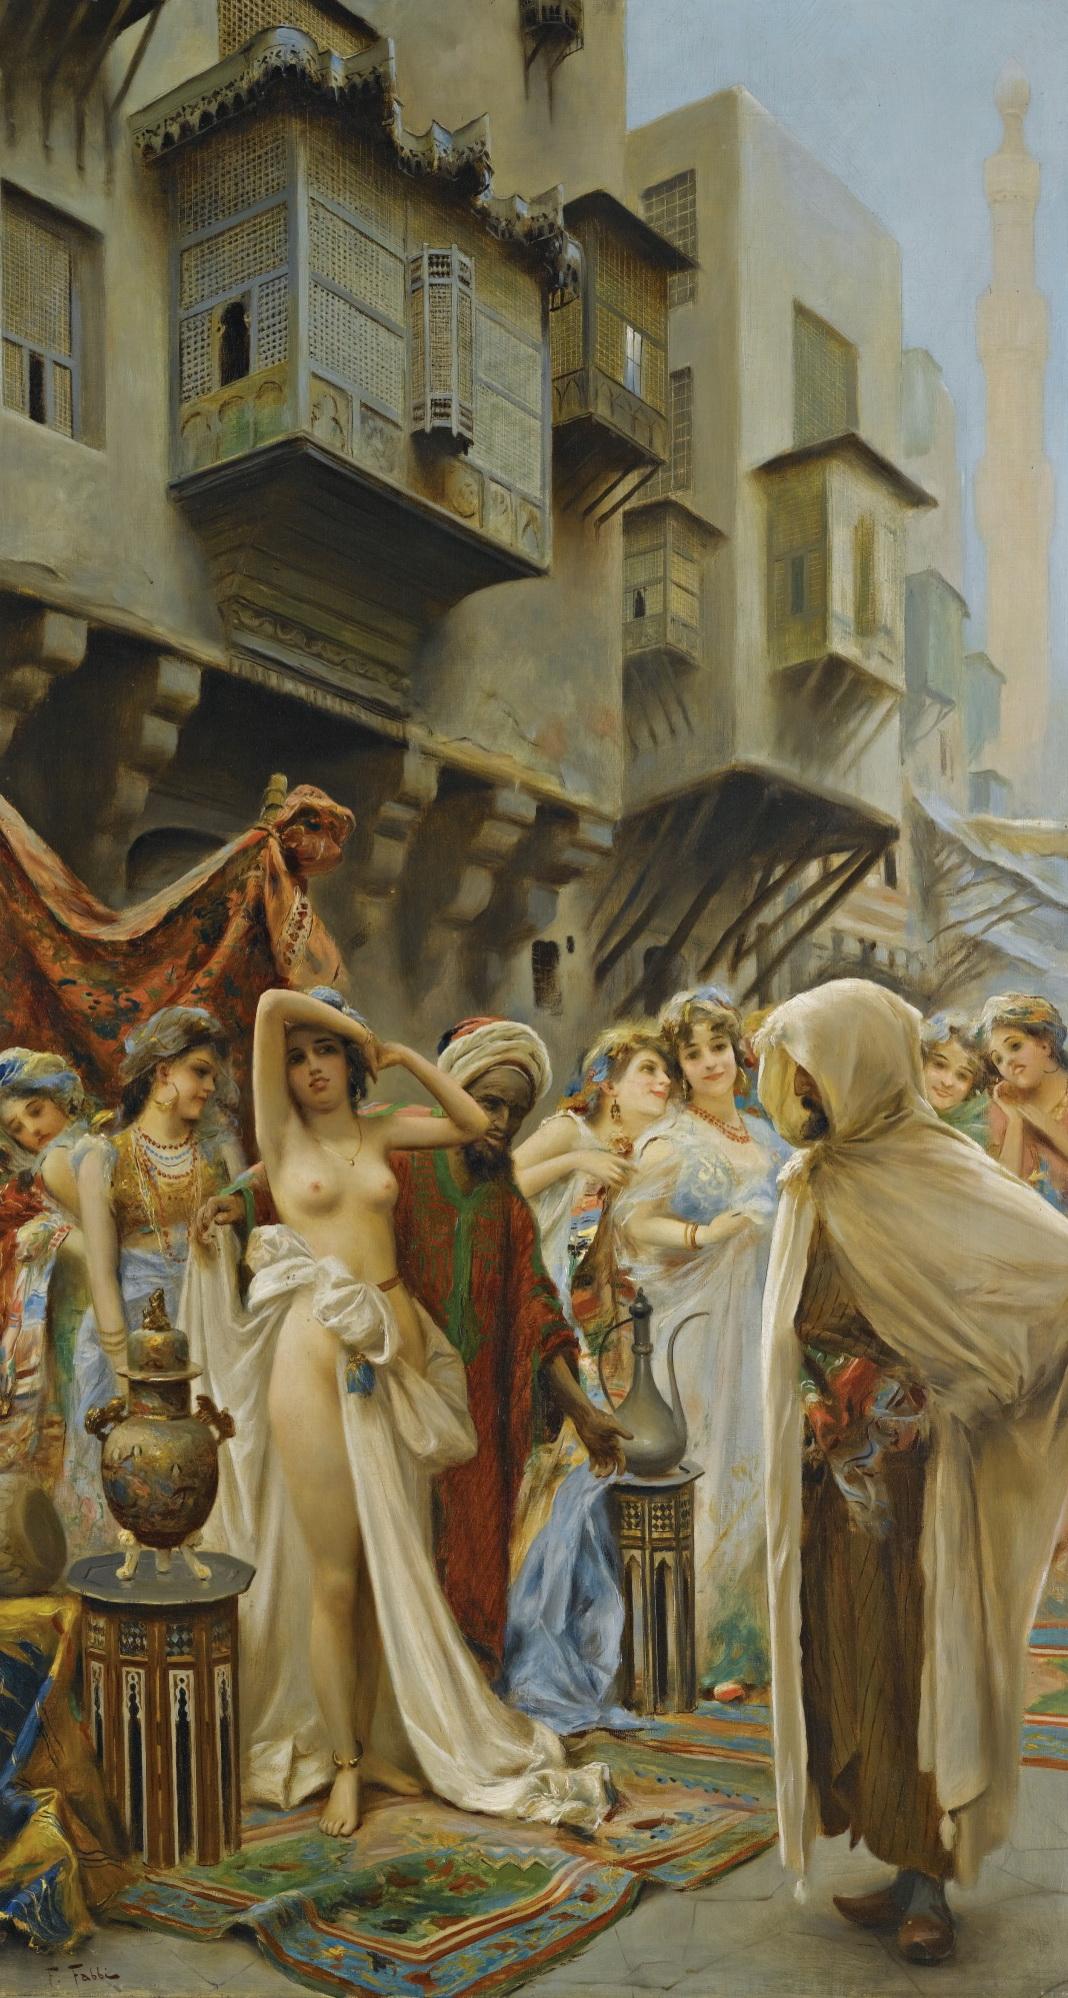 Fabio Fabbi, 1861-1946. Умелый выбор.101 х 55.5 см. Частная коллекция